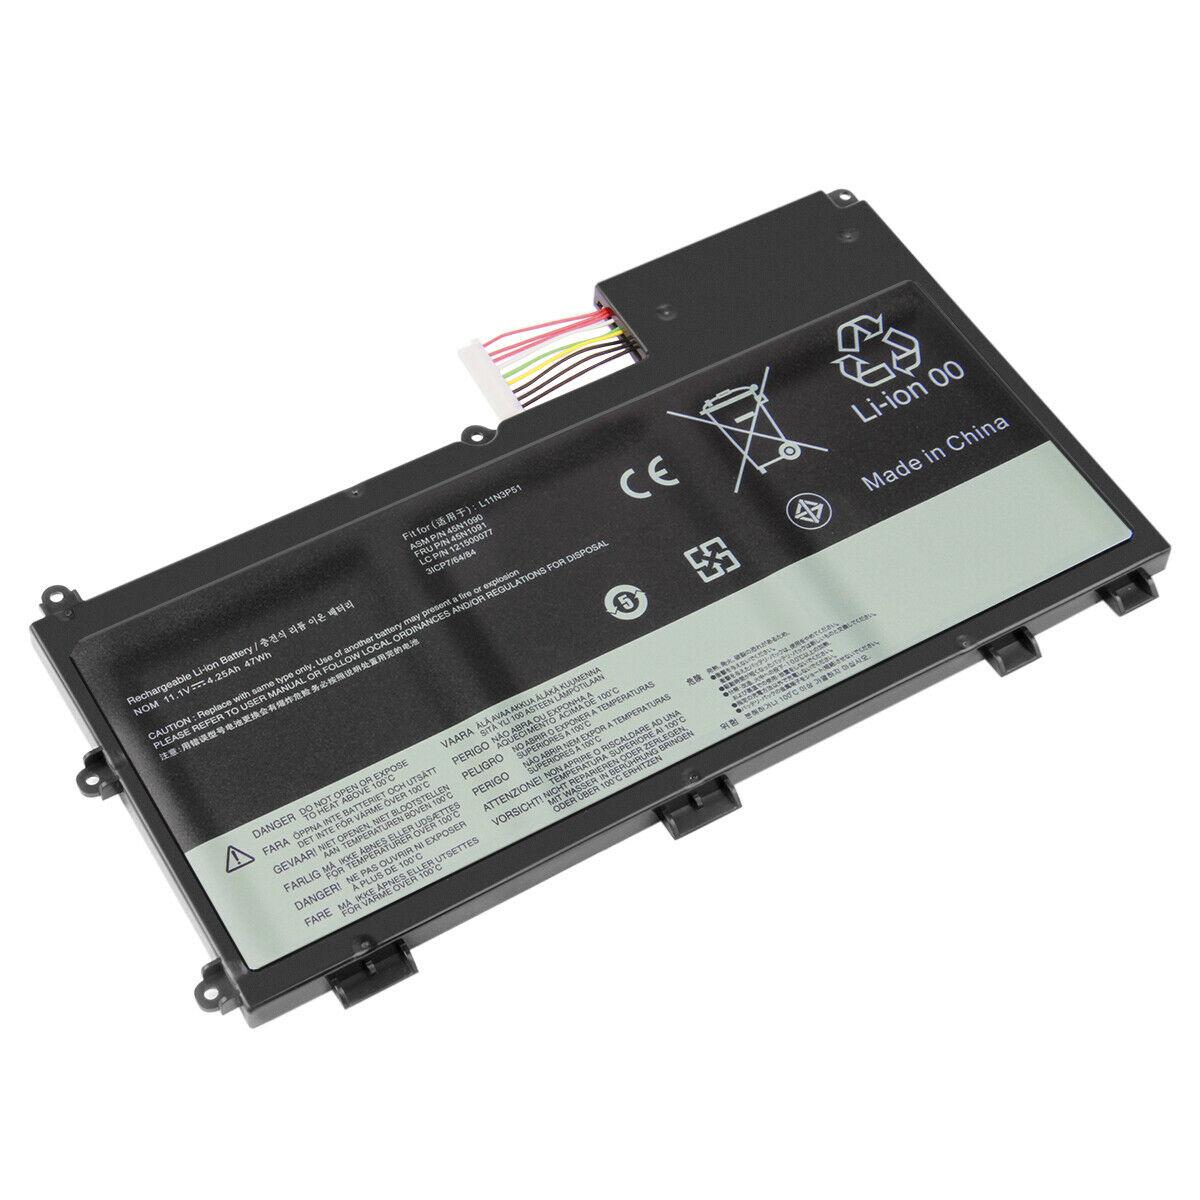 Akku für Lenovo ThinkPad T430U, V490U, V590U(Ersatz)